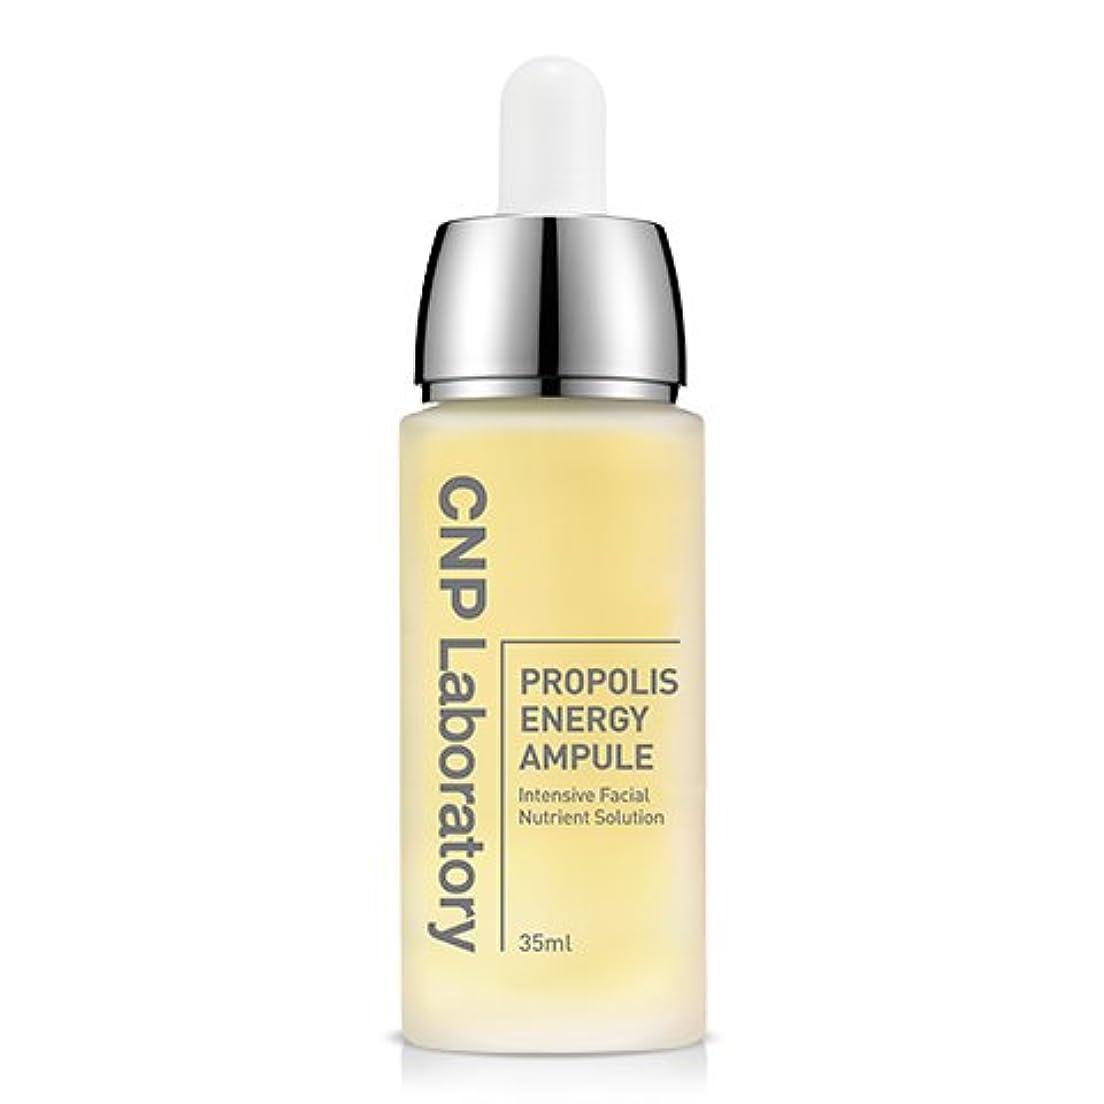 スーツケース強化ライオンCNP Laboratory Propolis Energy Ampule 35ML(肌の保湿、栄養、鎮静、肌の健康、ハニーエッセンス、栄養セラムを強化)